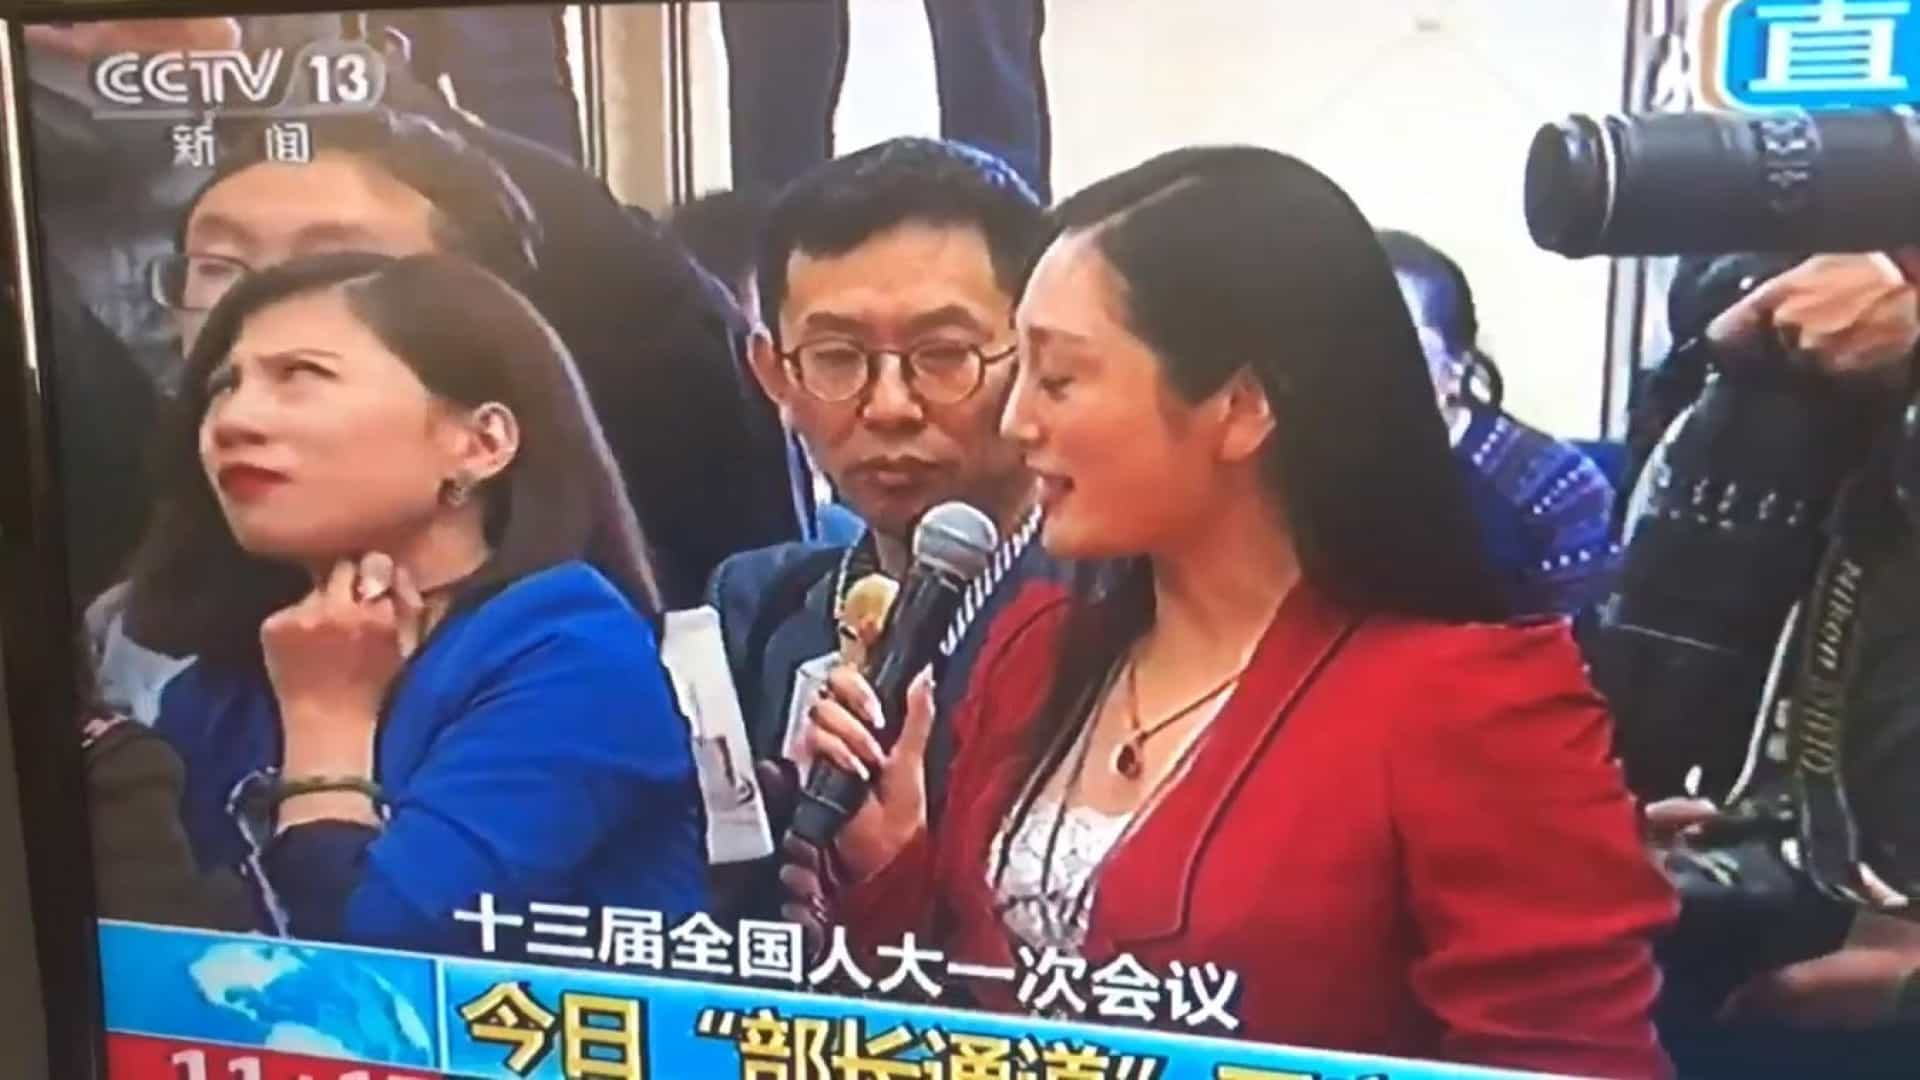 Revirar de olhos de jornalista chinesa quebra protocolo e torna-se viral